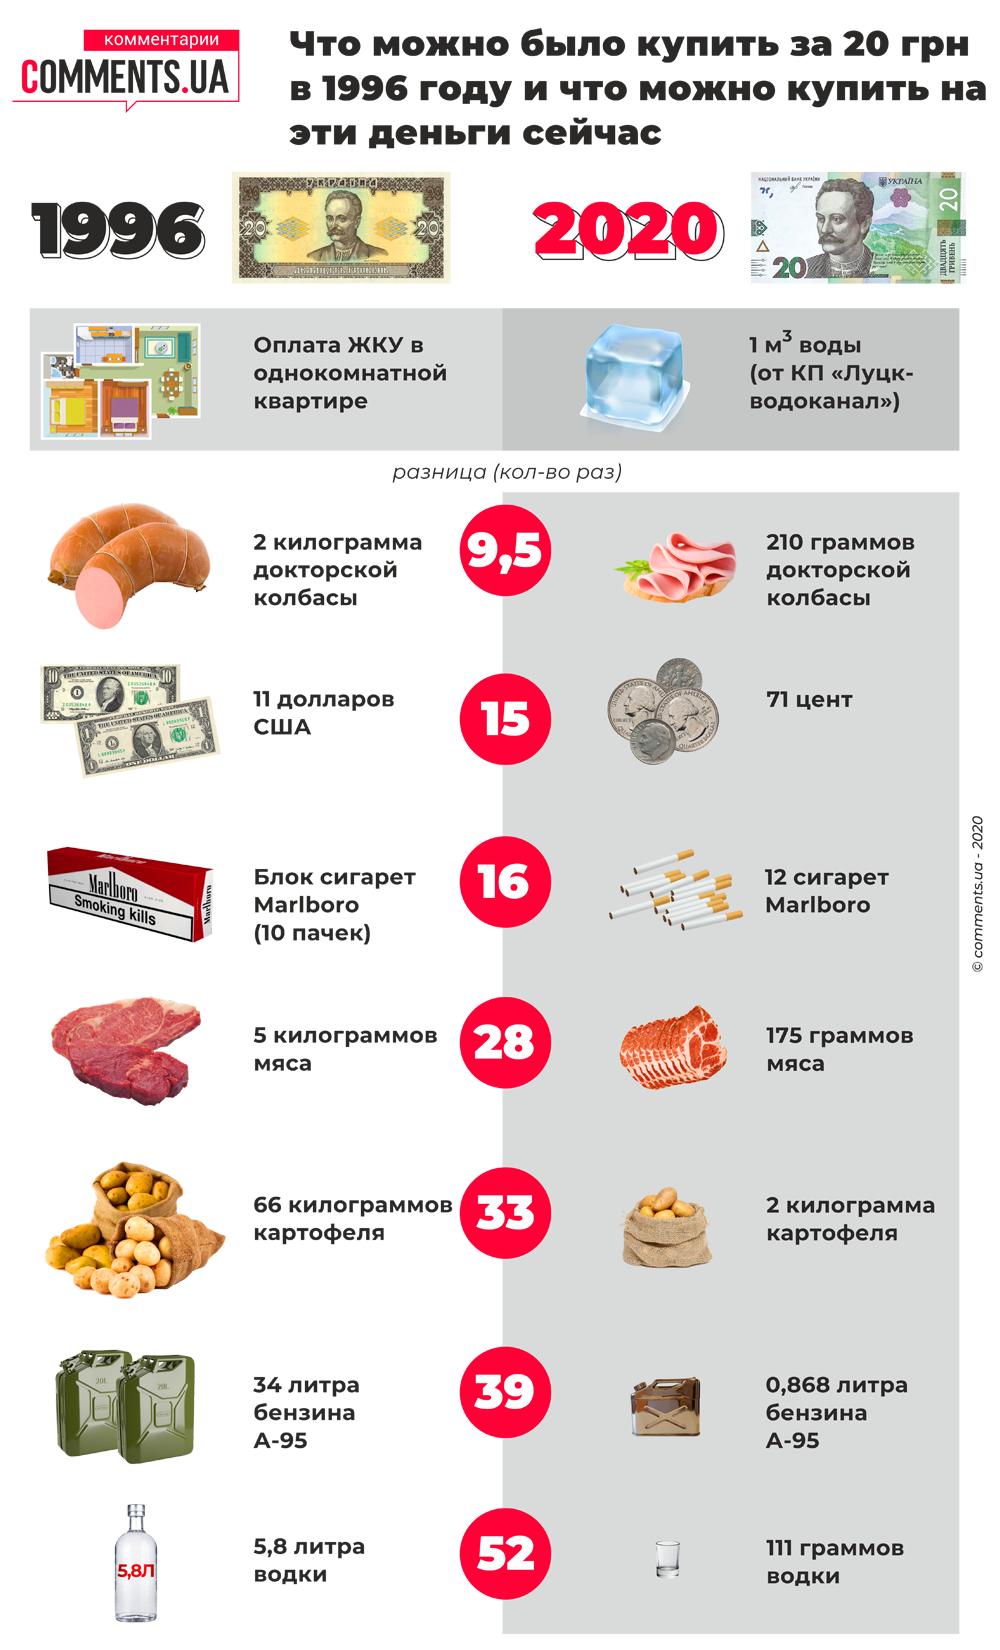 Что можно было купить за 20 грн в 1996 году и 2020 (инфографика)